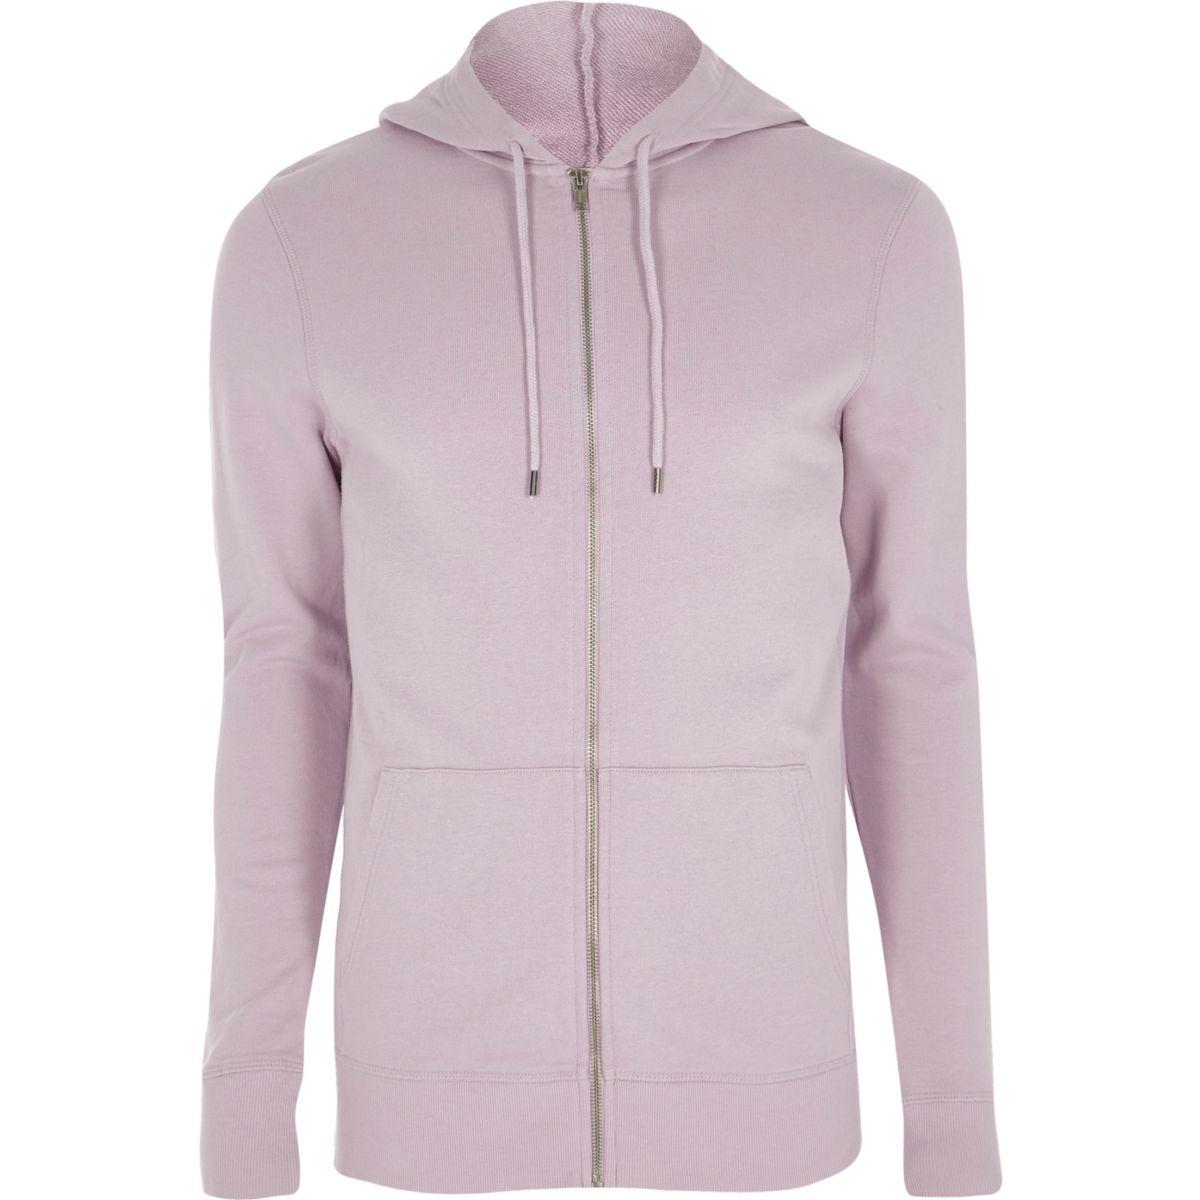 Light purple muscle fit zip up hoodie